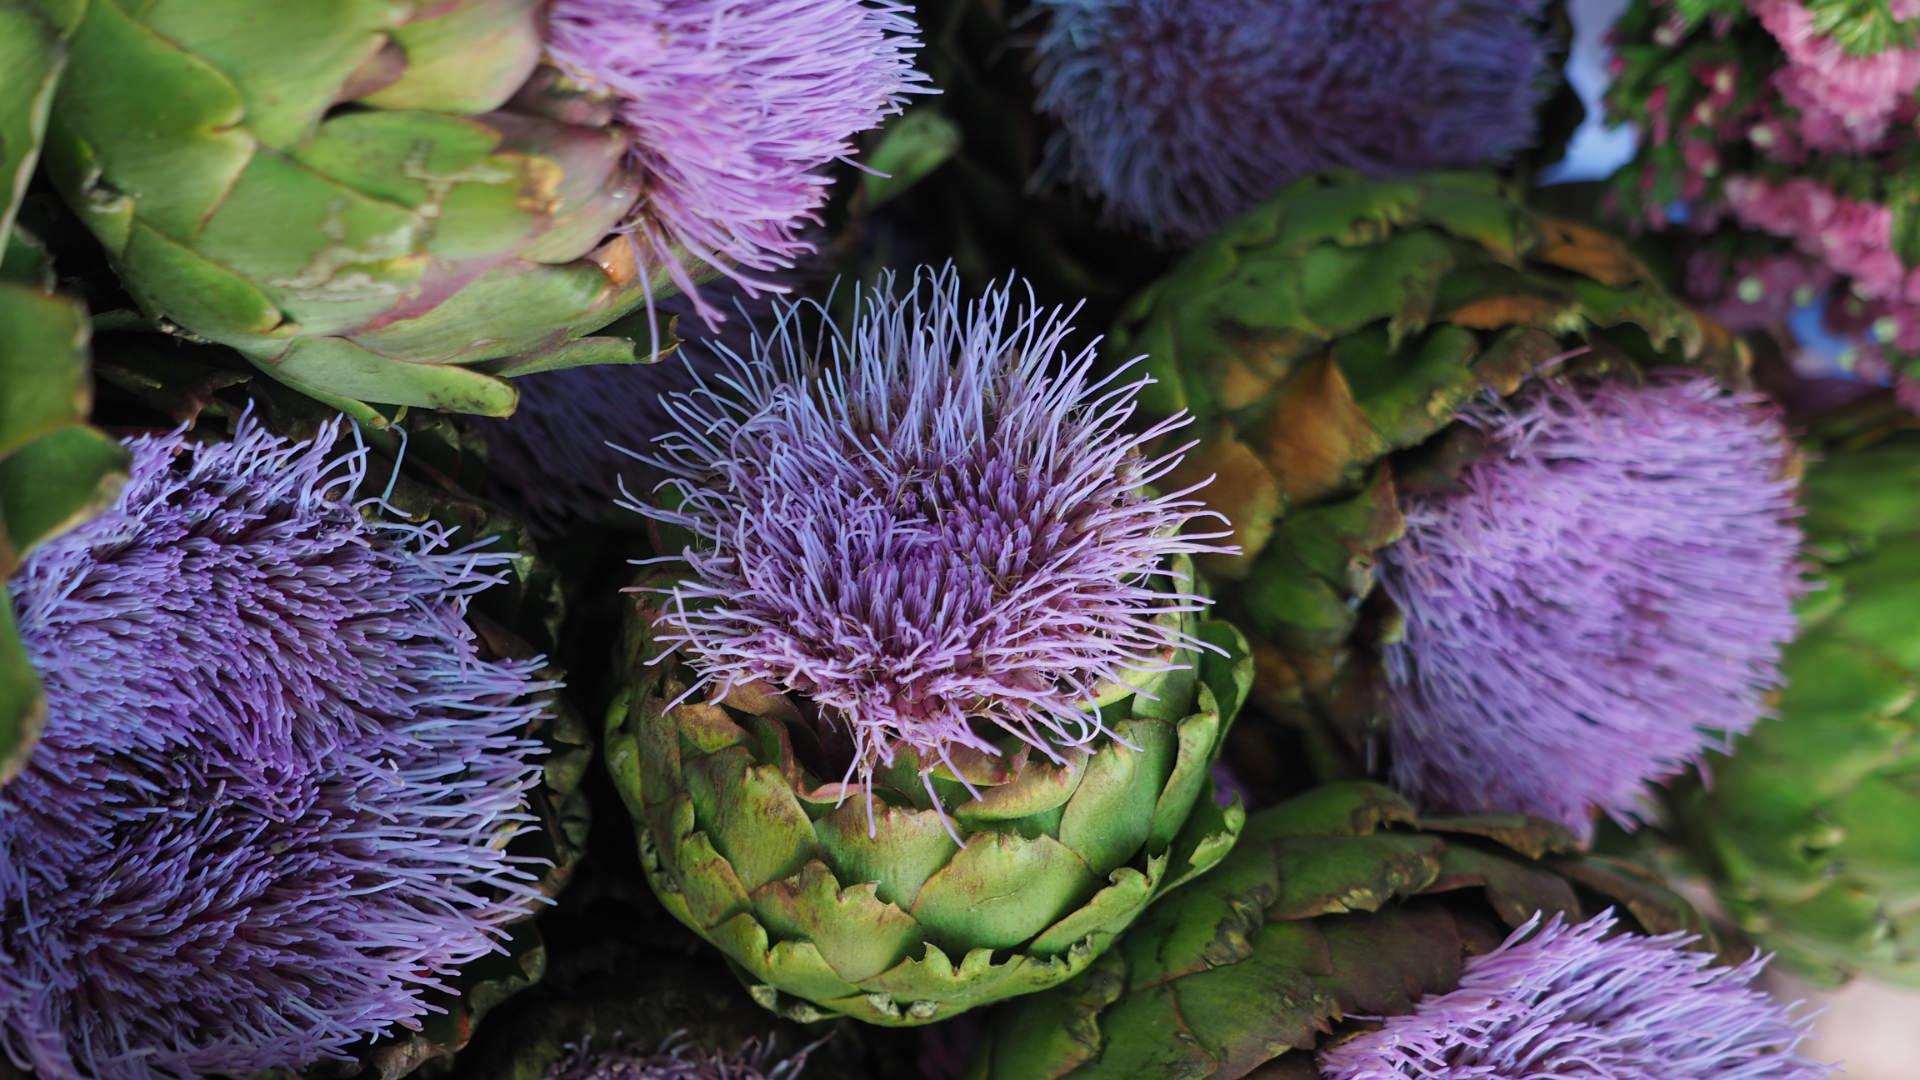 Anadolu'da Sadece Bahar Aylarında Yiyebileceğiniz 7 Yemek